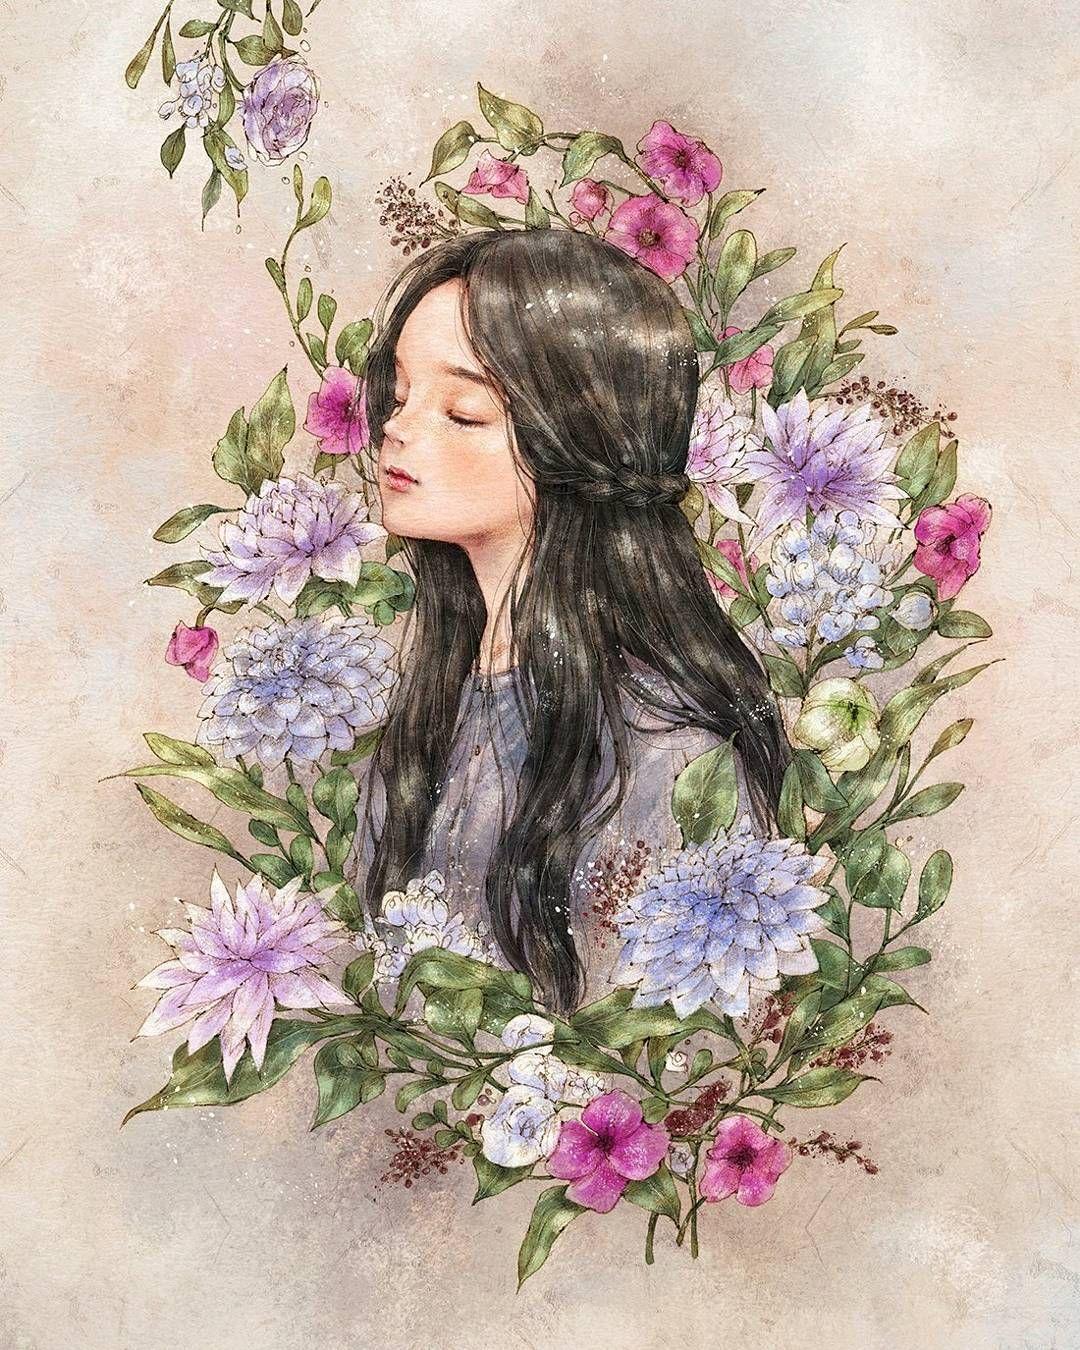 """애뽈 en Instagram: """"향기로 피어난 #소녀 #보라 #보라색 #식물 #꽃 #일러스트 #일러스트레이션 #illust #illustration #drawing #paint #girl #girlish #flower #purple #purpleflowers #blackhair"""""""